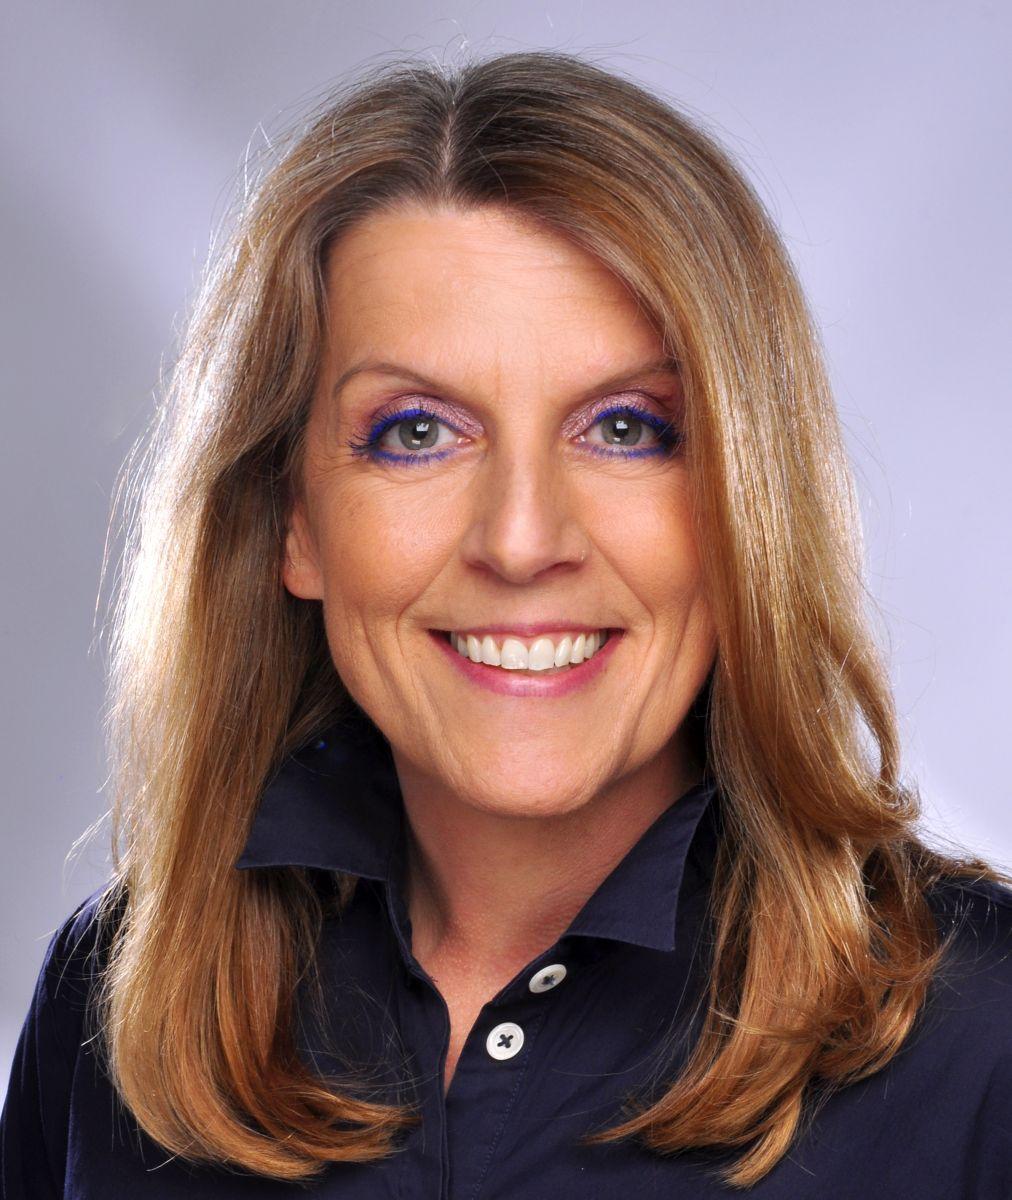 Auf dem Foto sieht man die Heilpraktikerin Annette Klink aus Wiesbaden vor einem helllila Hintergrund. Sie hat lange hellbraune Haare und trägt ein dunkelblaues Polo T-Shirt. Sie lacht in die Kamera und trägt einen lilalen Lidstrich.